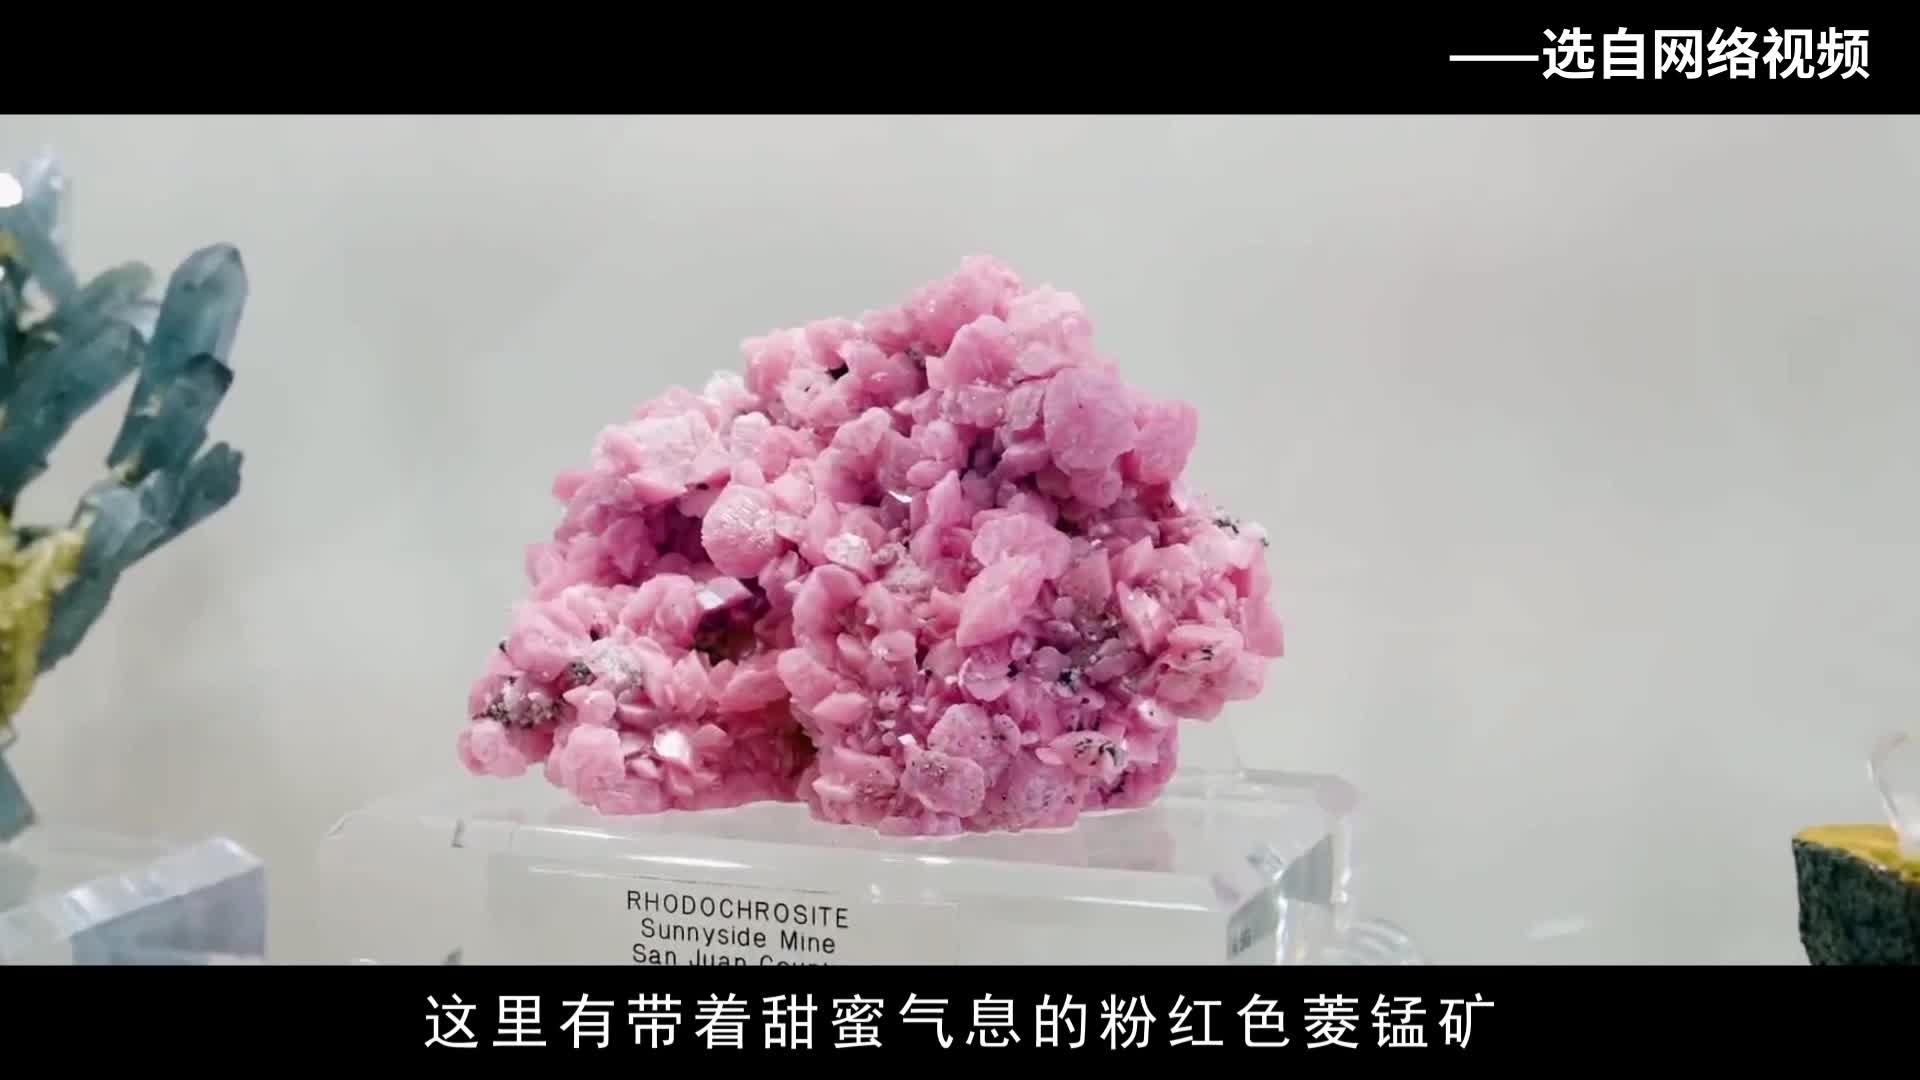 《科学嘻游记》 第37集 如何识别矿物